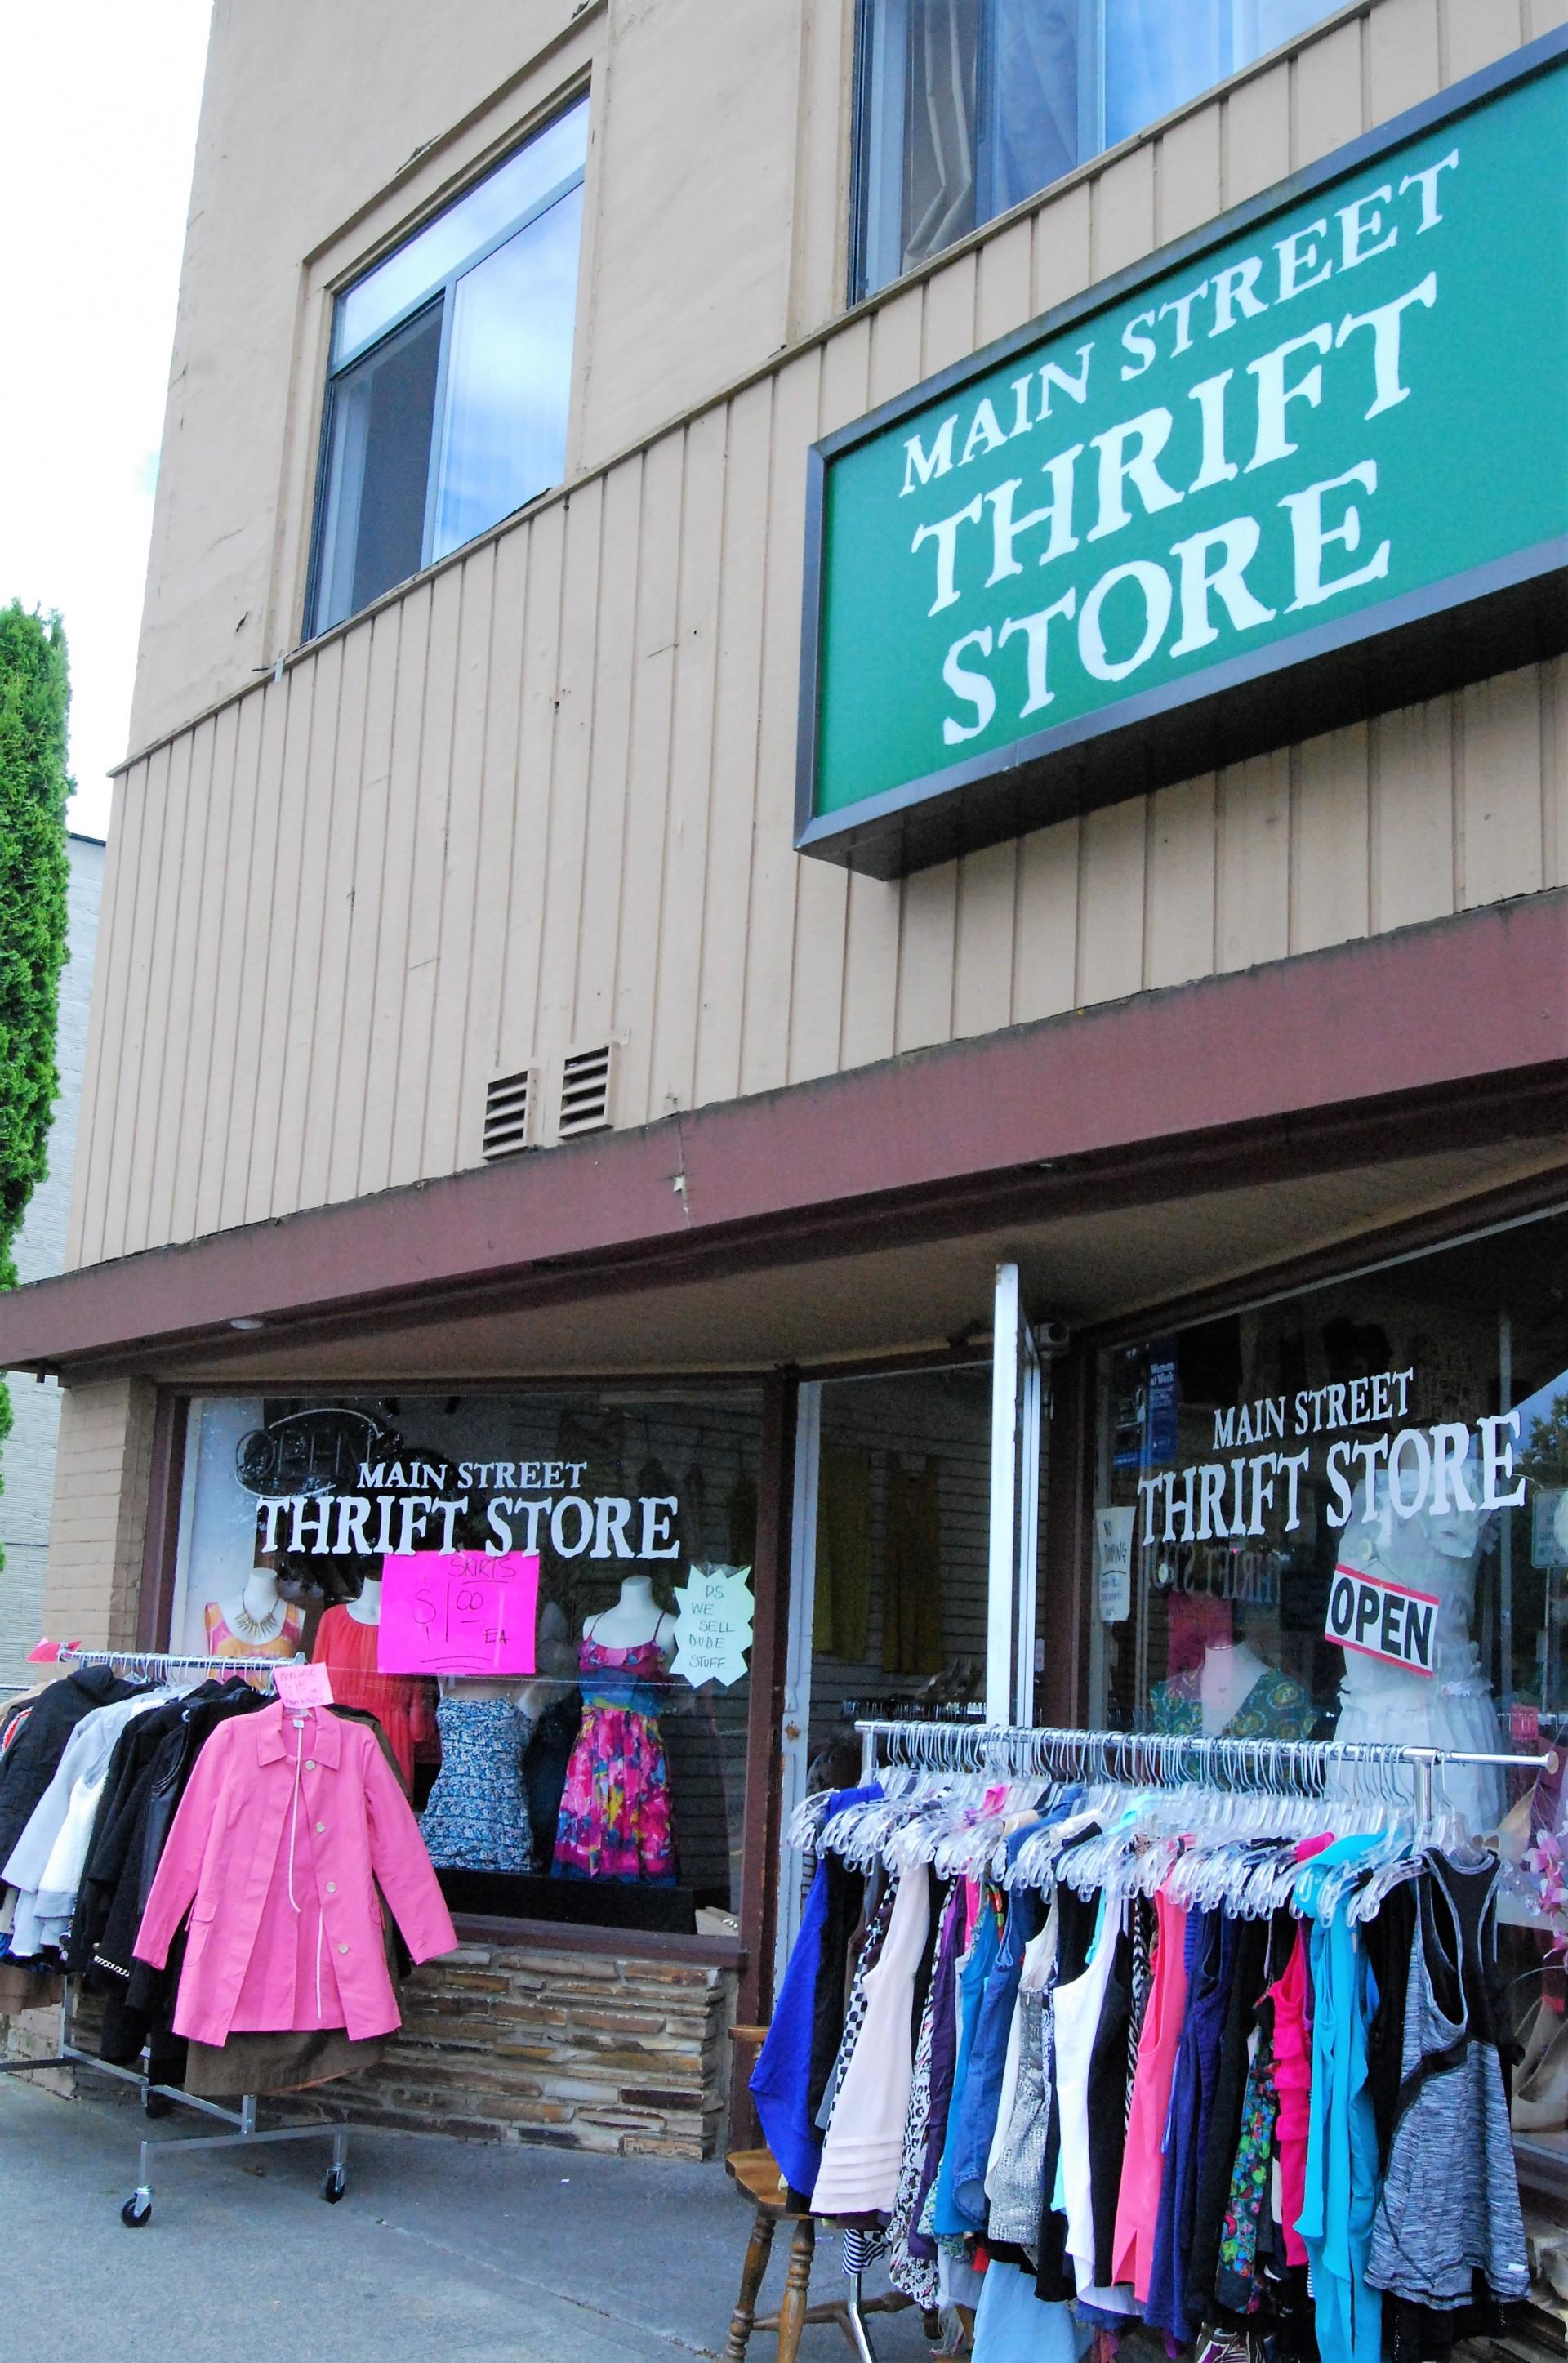 Main Street Thrift